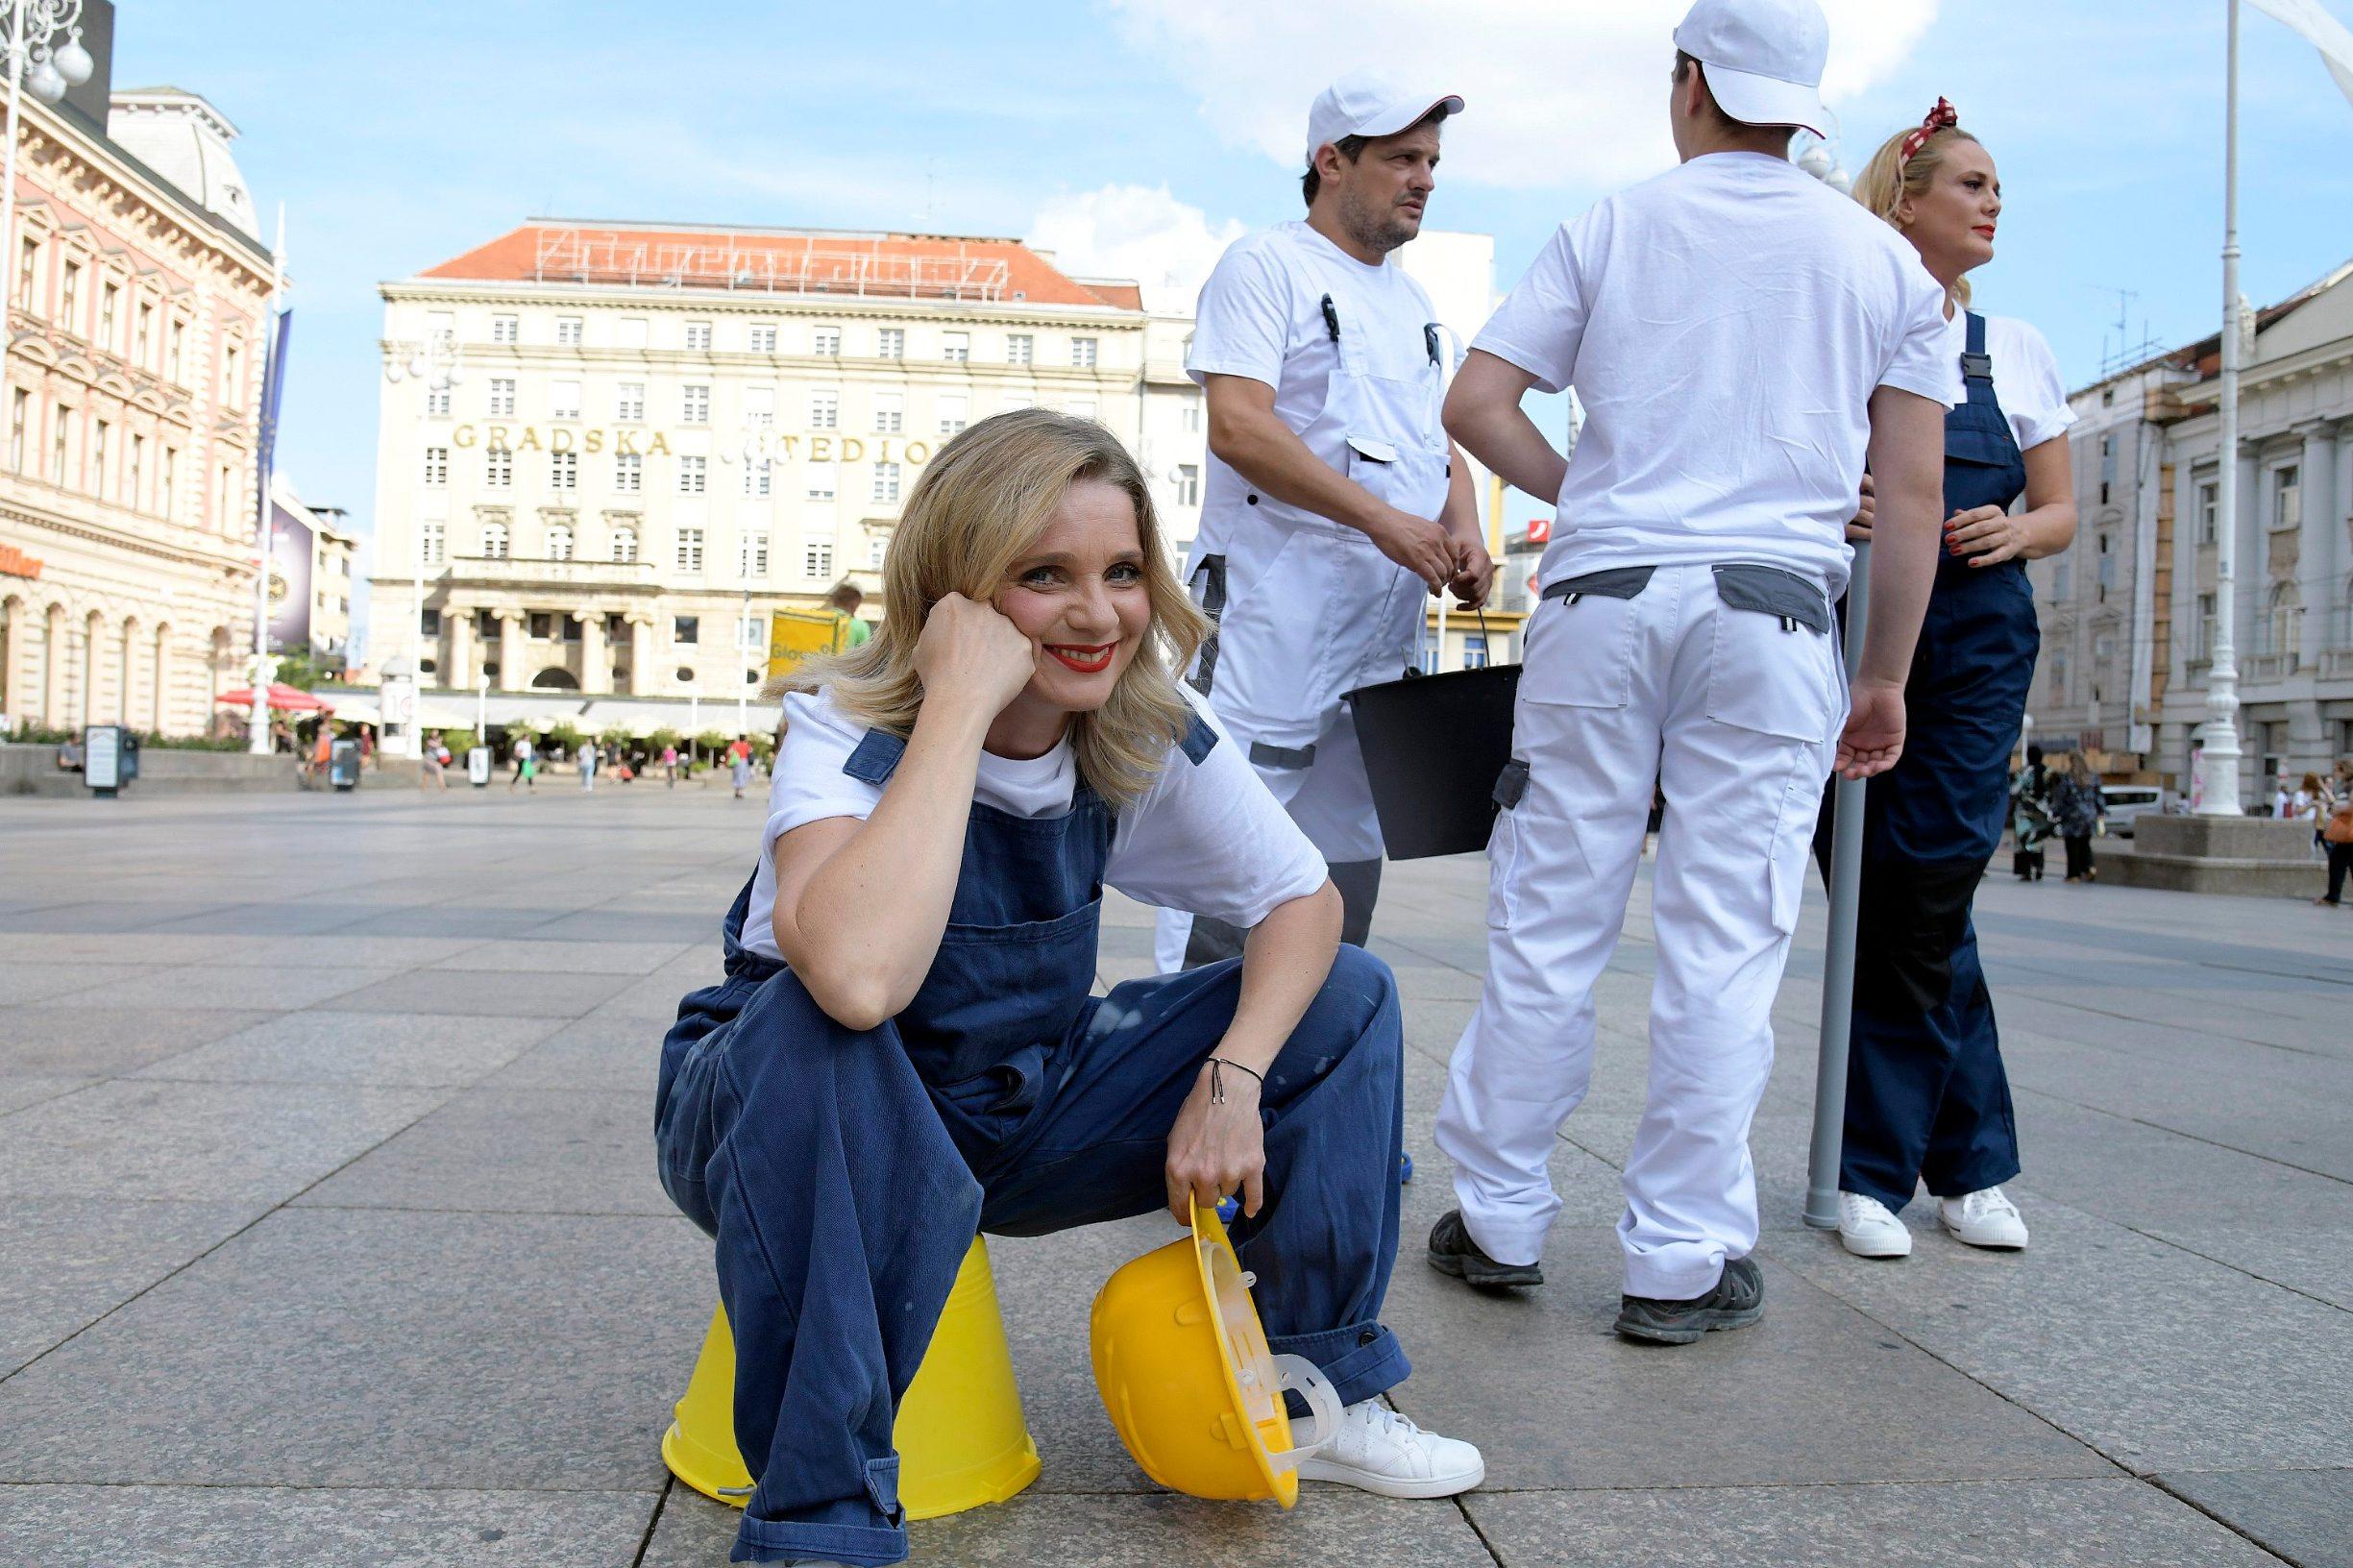 Zagreb, 090920 Jelacic plac, glumci kazalista Moruzgva odrzali su performans uoci premijere najnovije predstave Majstori. Na fotografiji: Jasna Palic. Foto: Bruno Konjevic / CROPIX